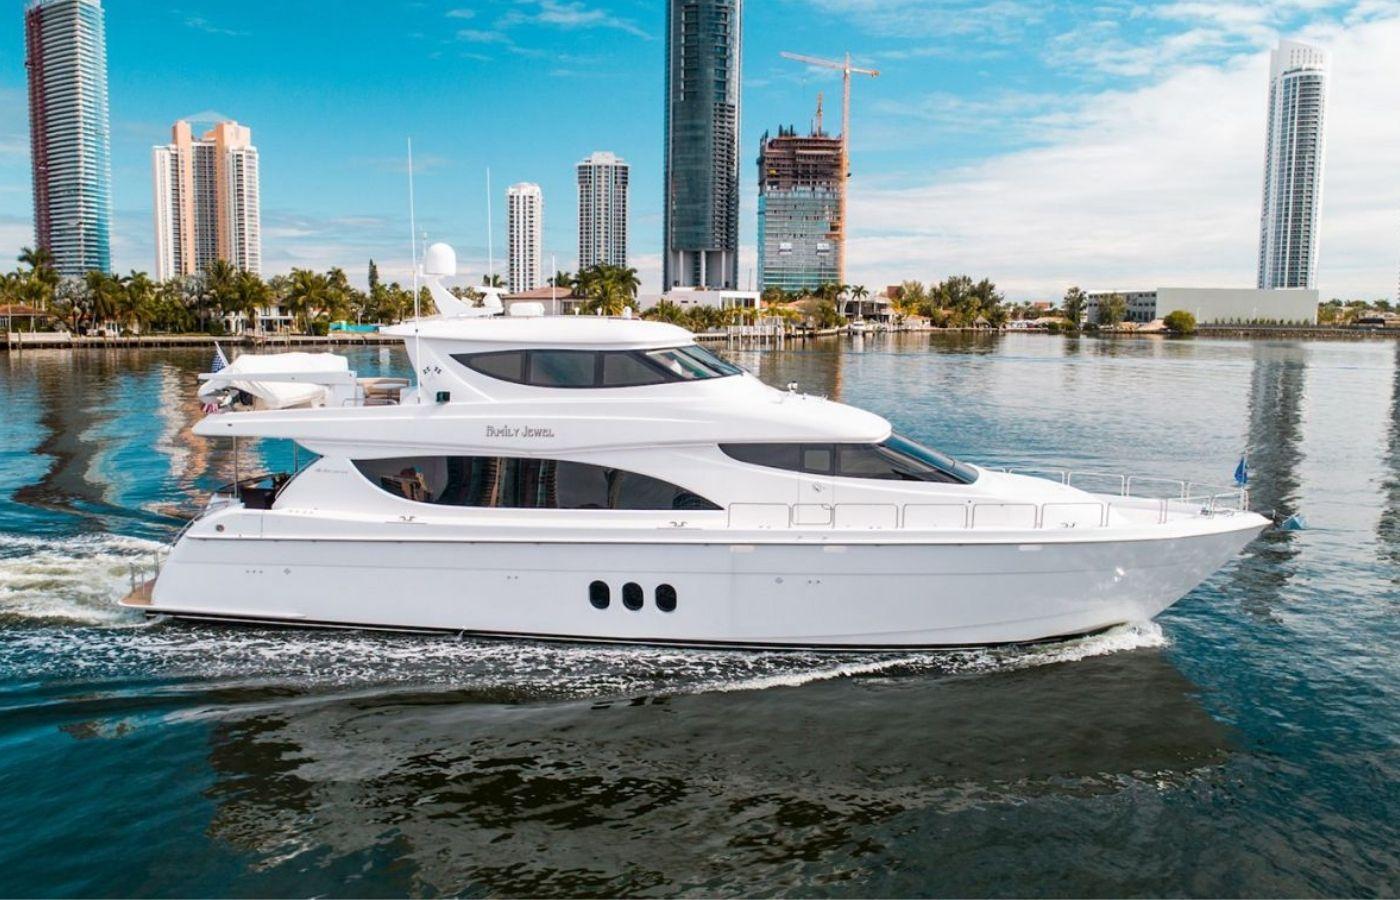 80 Hatteras Motor Yacht Sold By Dean Stuhlmann